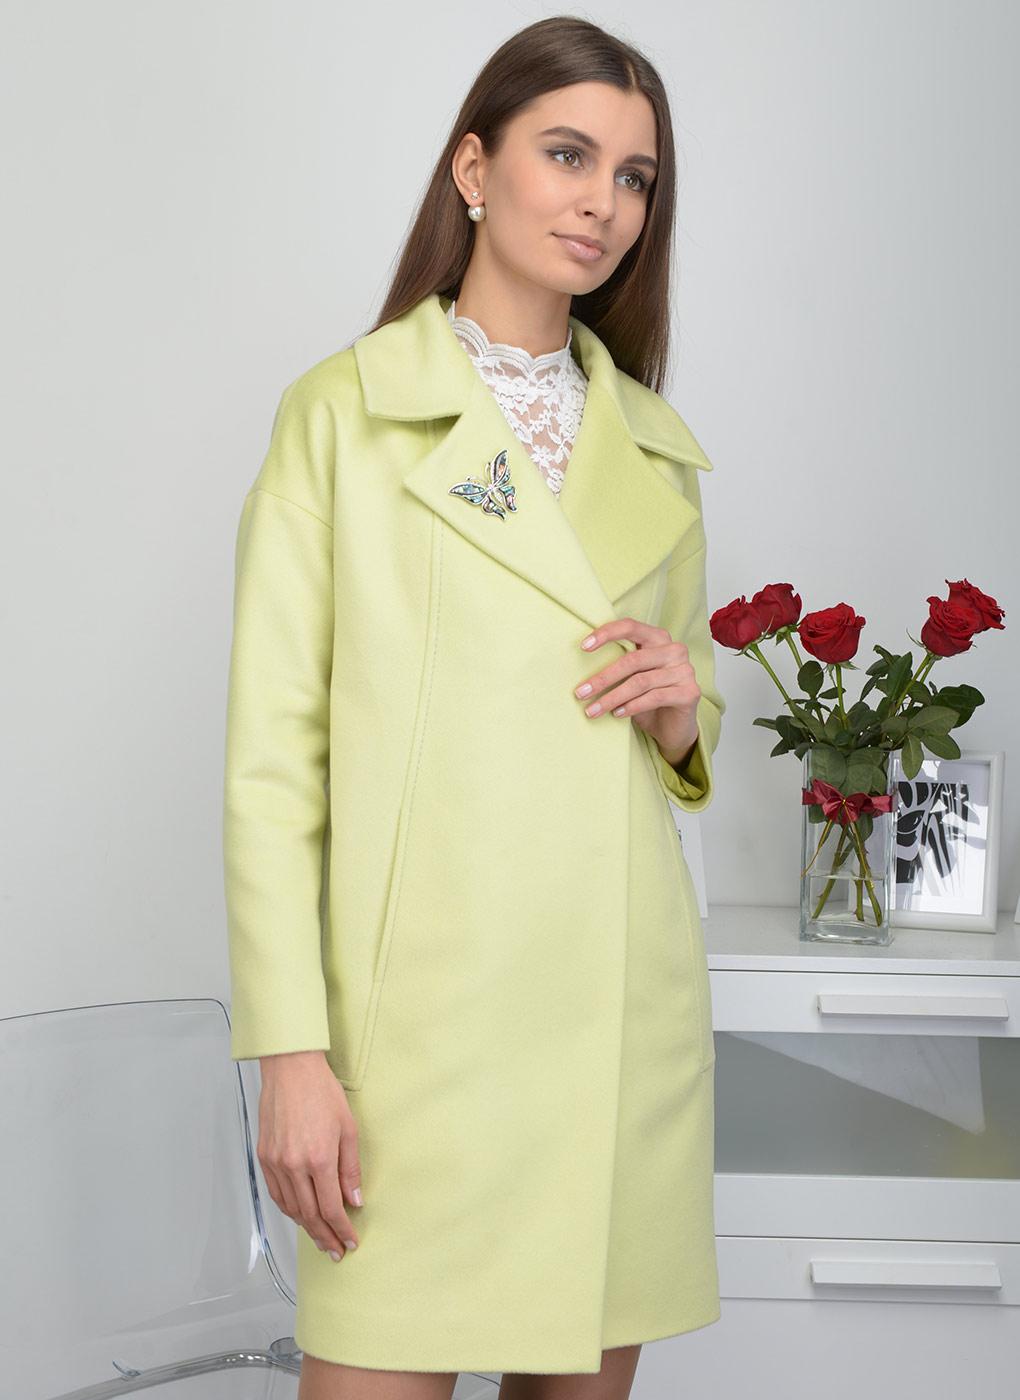 Пальто прямое шерстяное 76, Bella collection фото